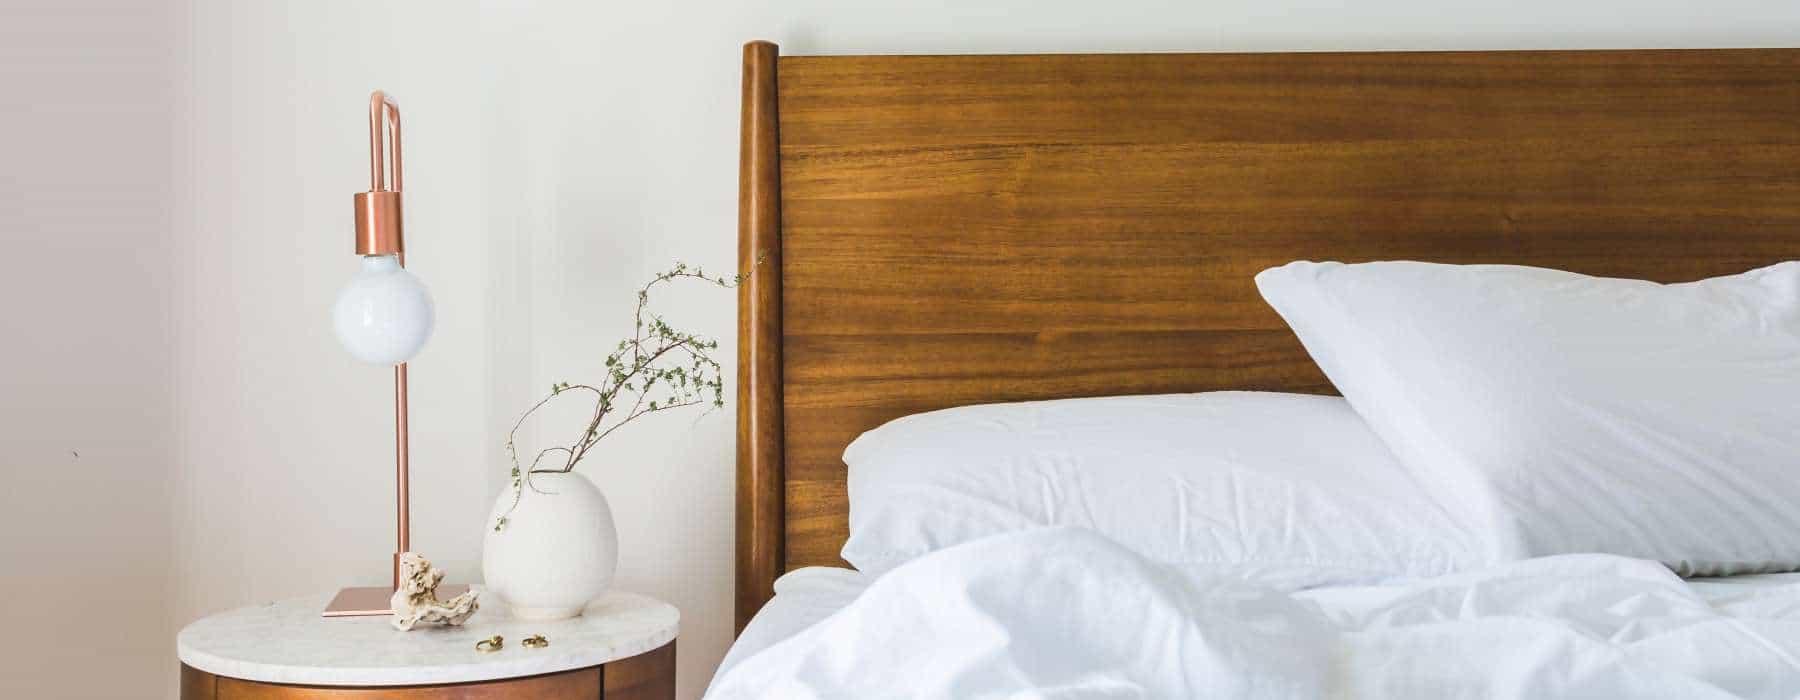 Quel Est Le Taux D Humidite Ideal Dans Une Chambre Batit